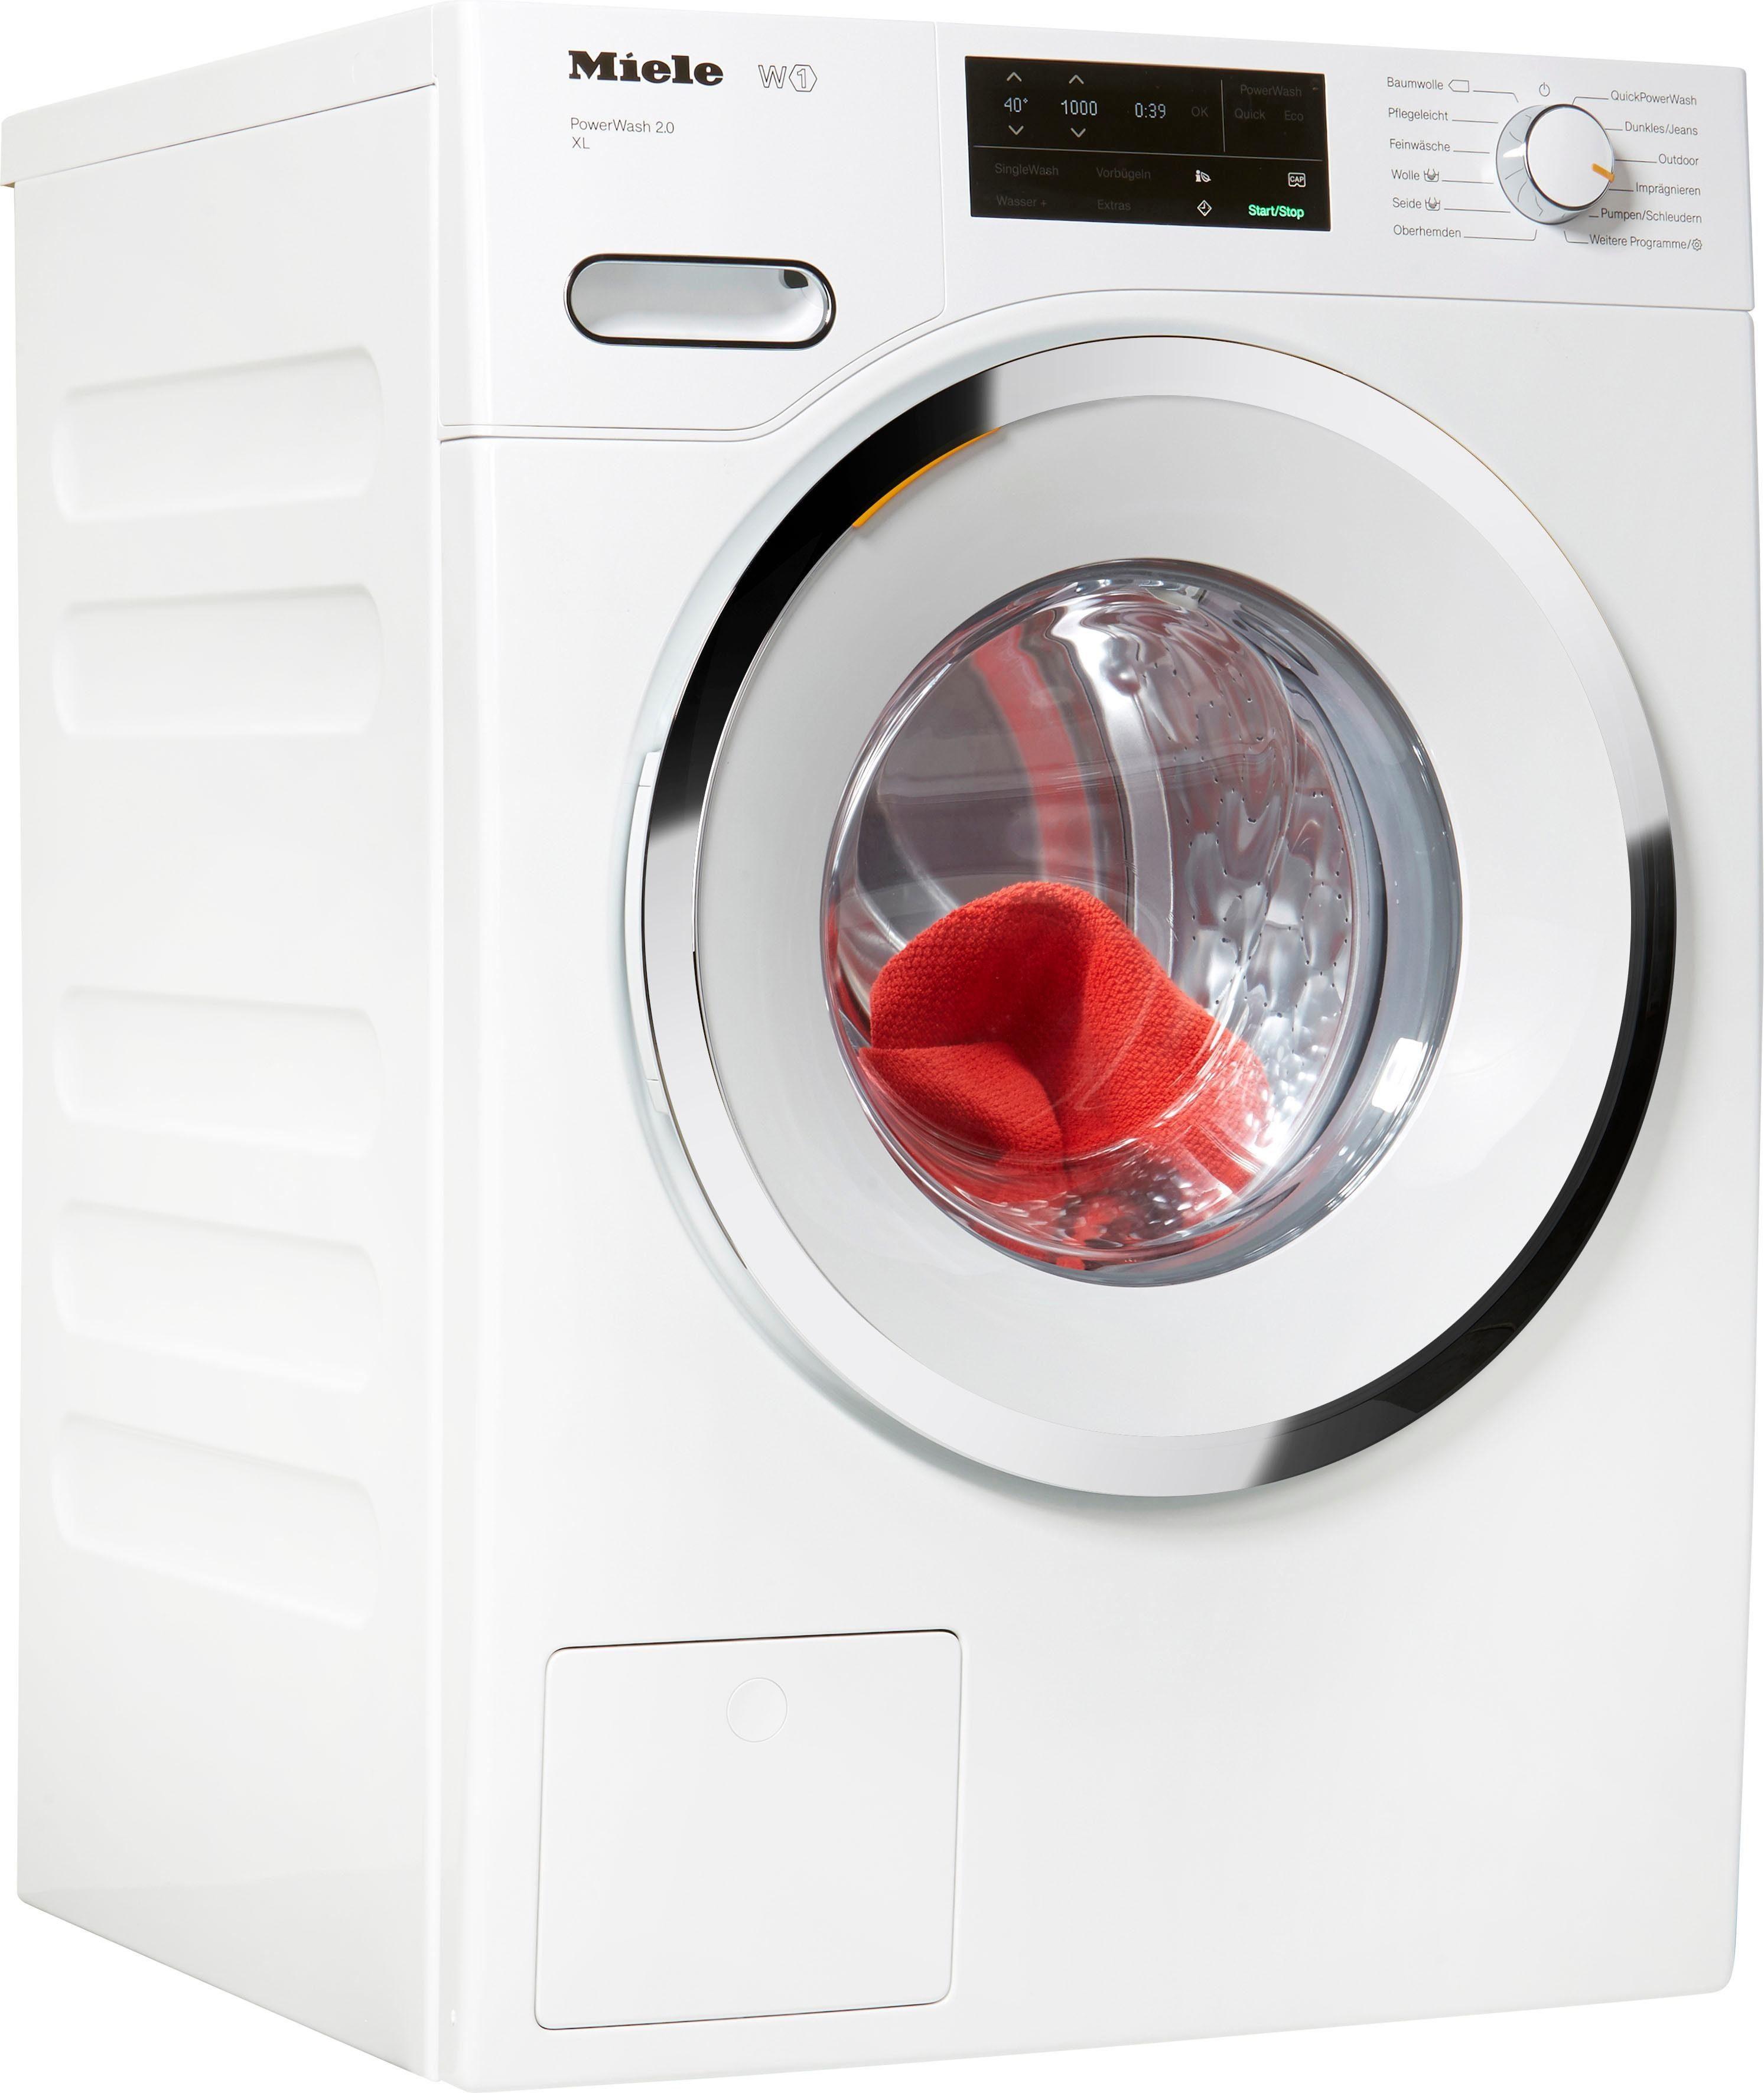 Miele Waschmaschine WWI320 WWI320 WPS PWash 2.0 XL, 9 kg, 1600 U/Min